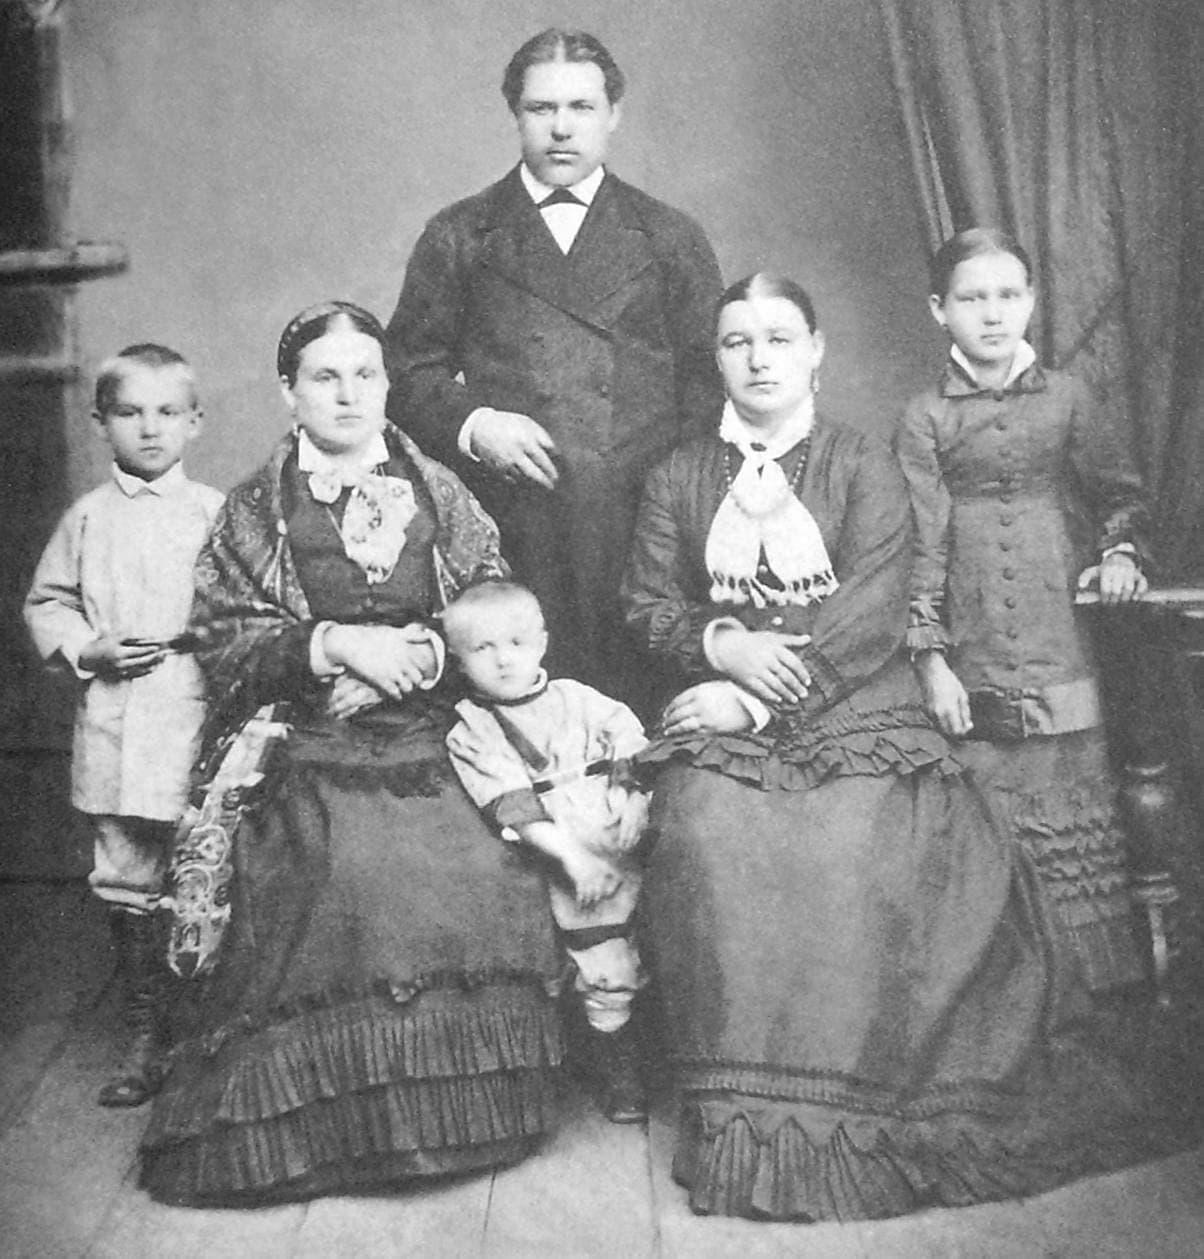 Семья Оглоблина Георгия Яковлевича. Слева направо: сын Николай, жена Александра Алексеевна, сын Василий, сестра Степанида Яковлевна, дочь Евдокия.